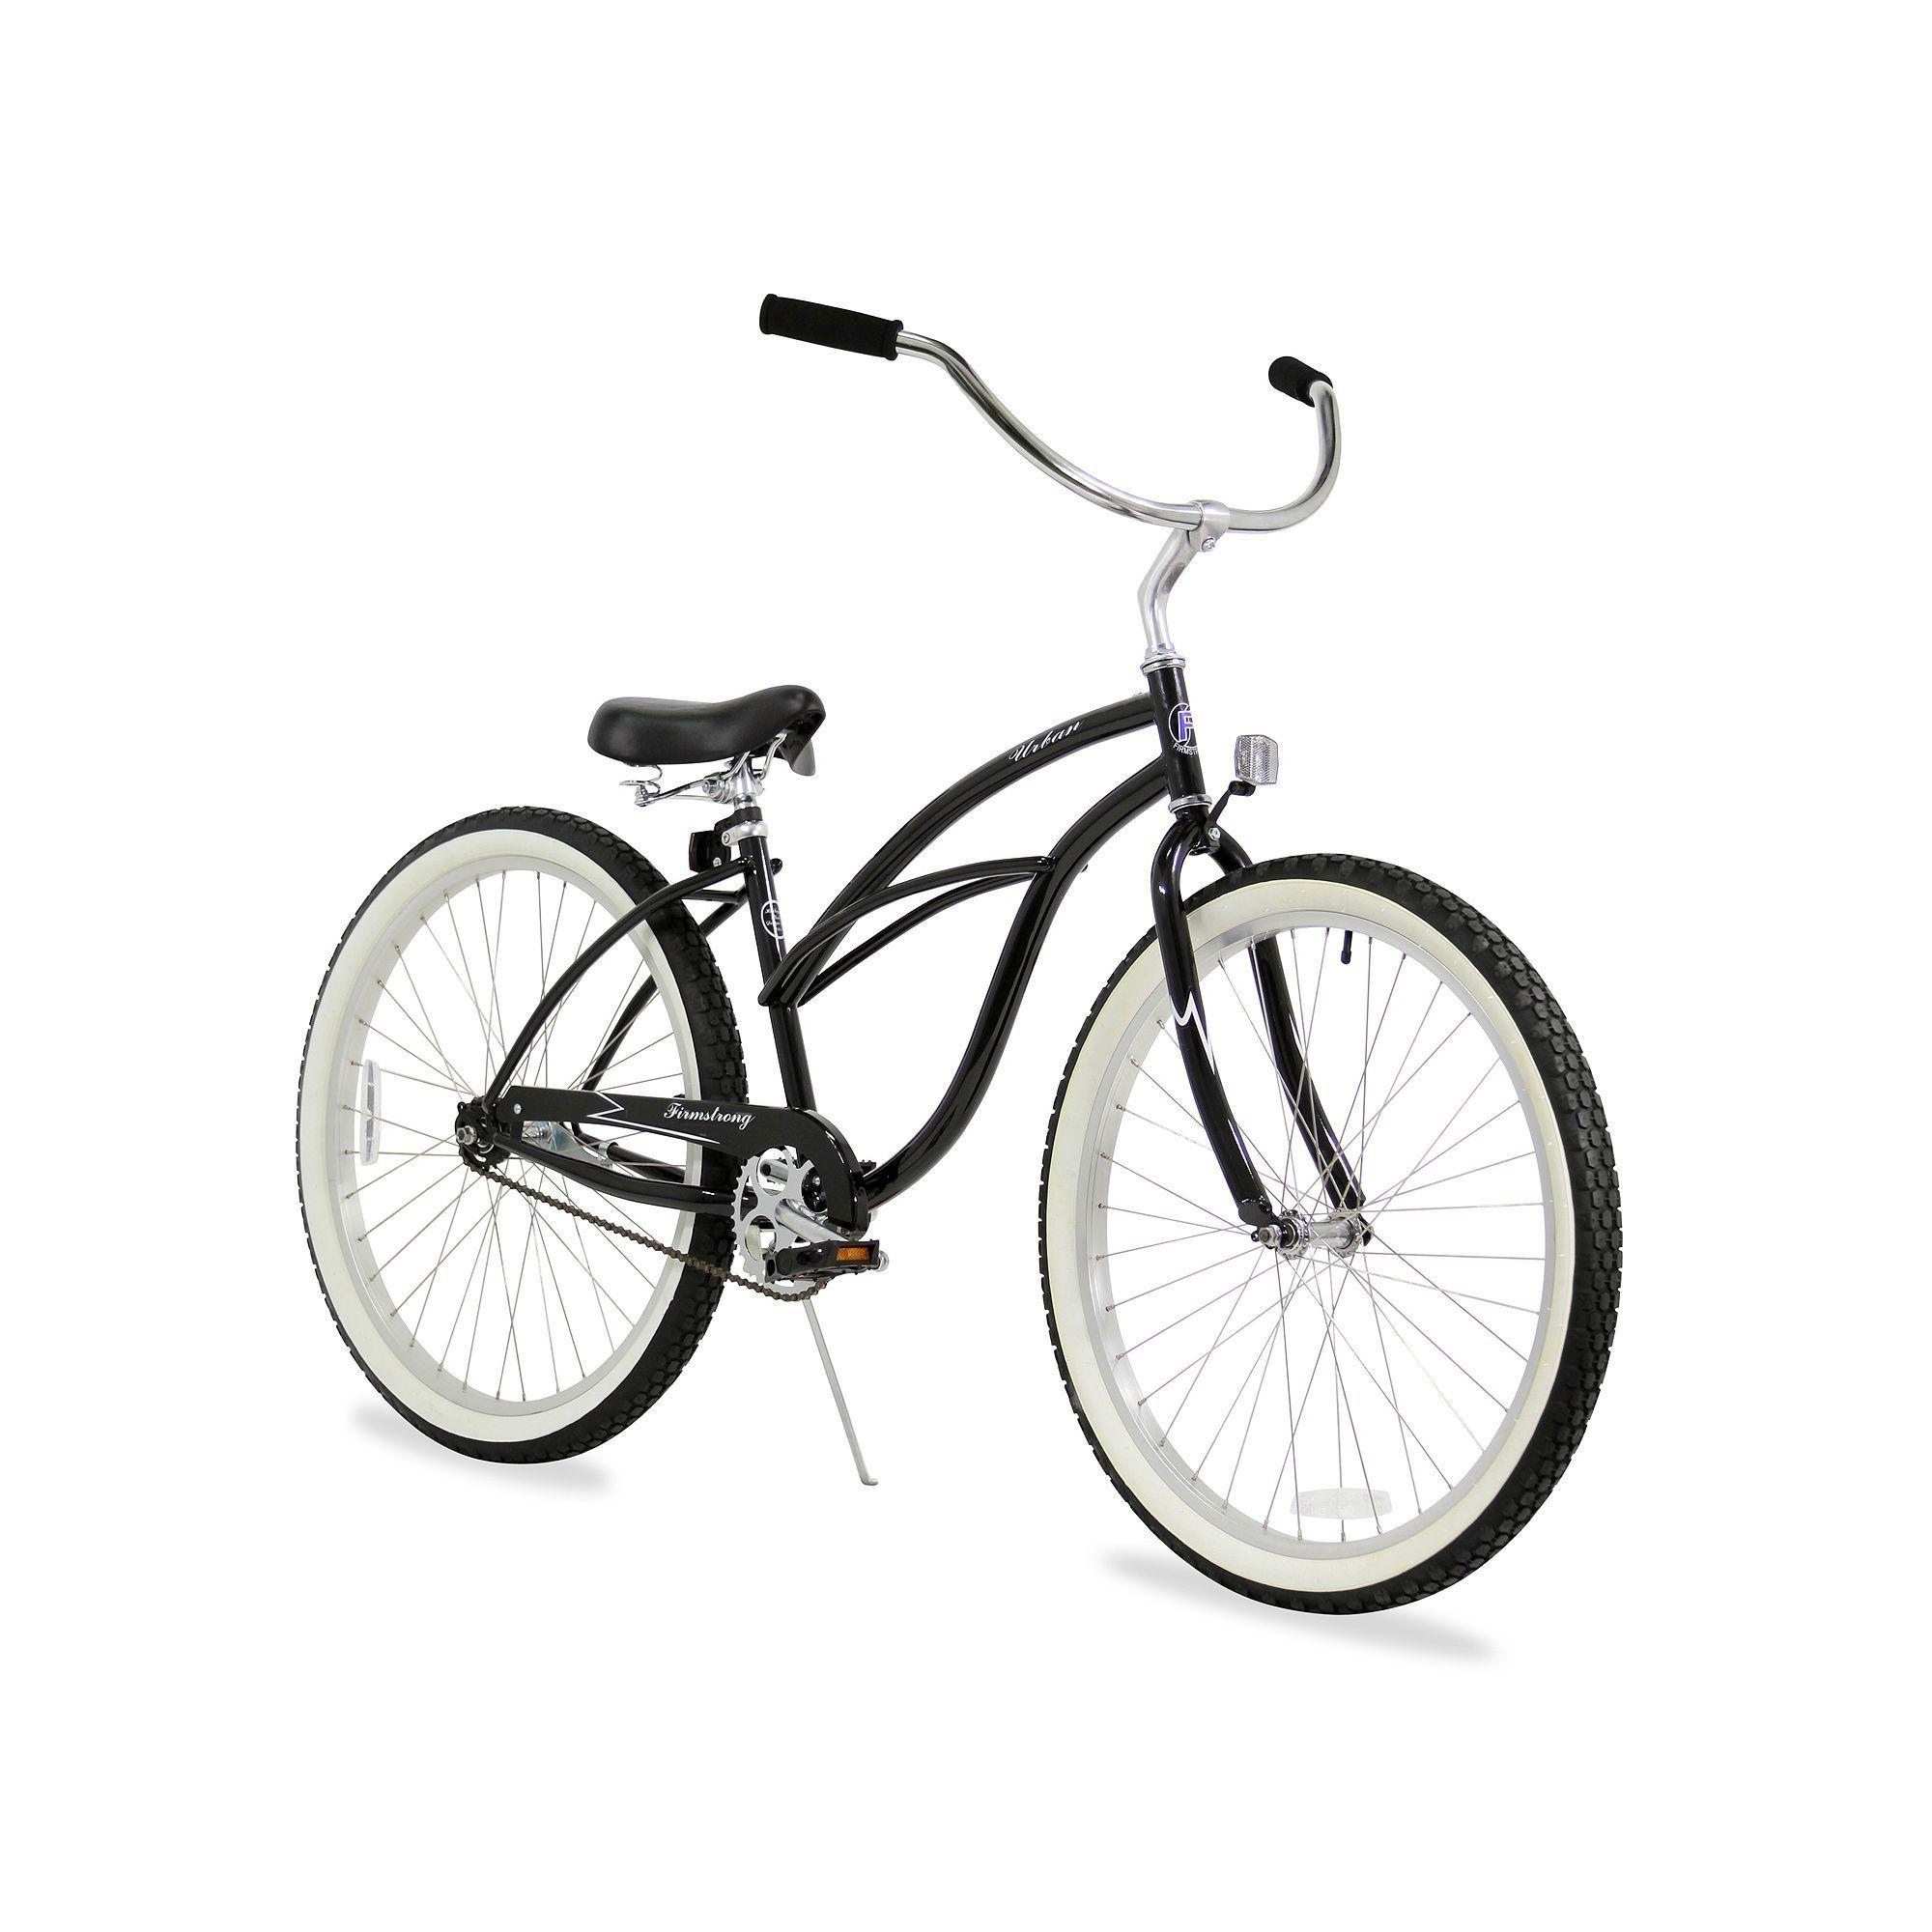 Niedlich Schmutz Fahrrad Malvorlagen Fotos - Druckbare Malvorlagen ...